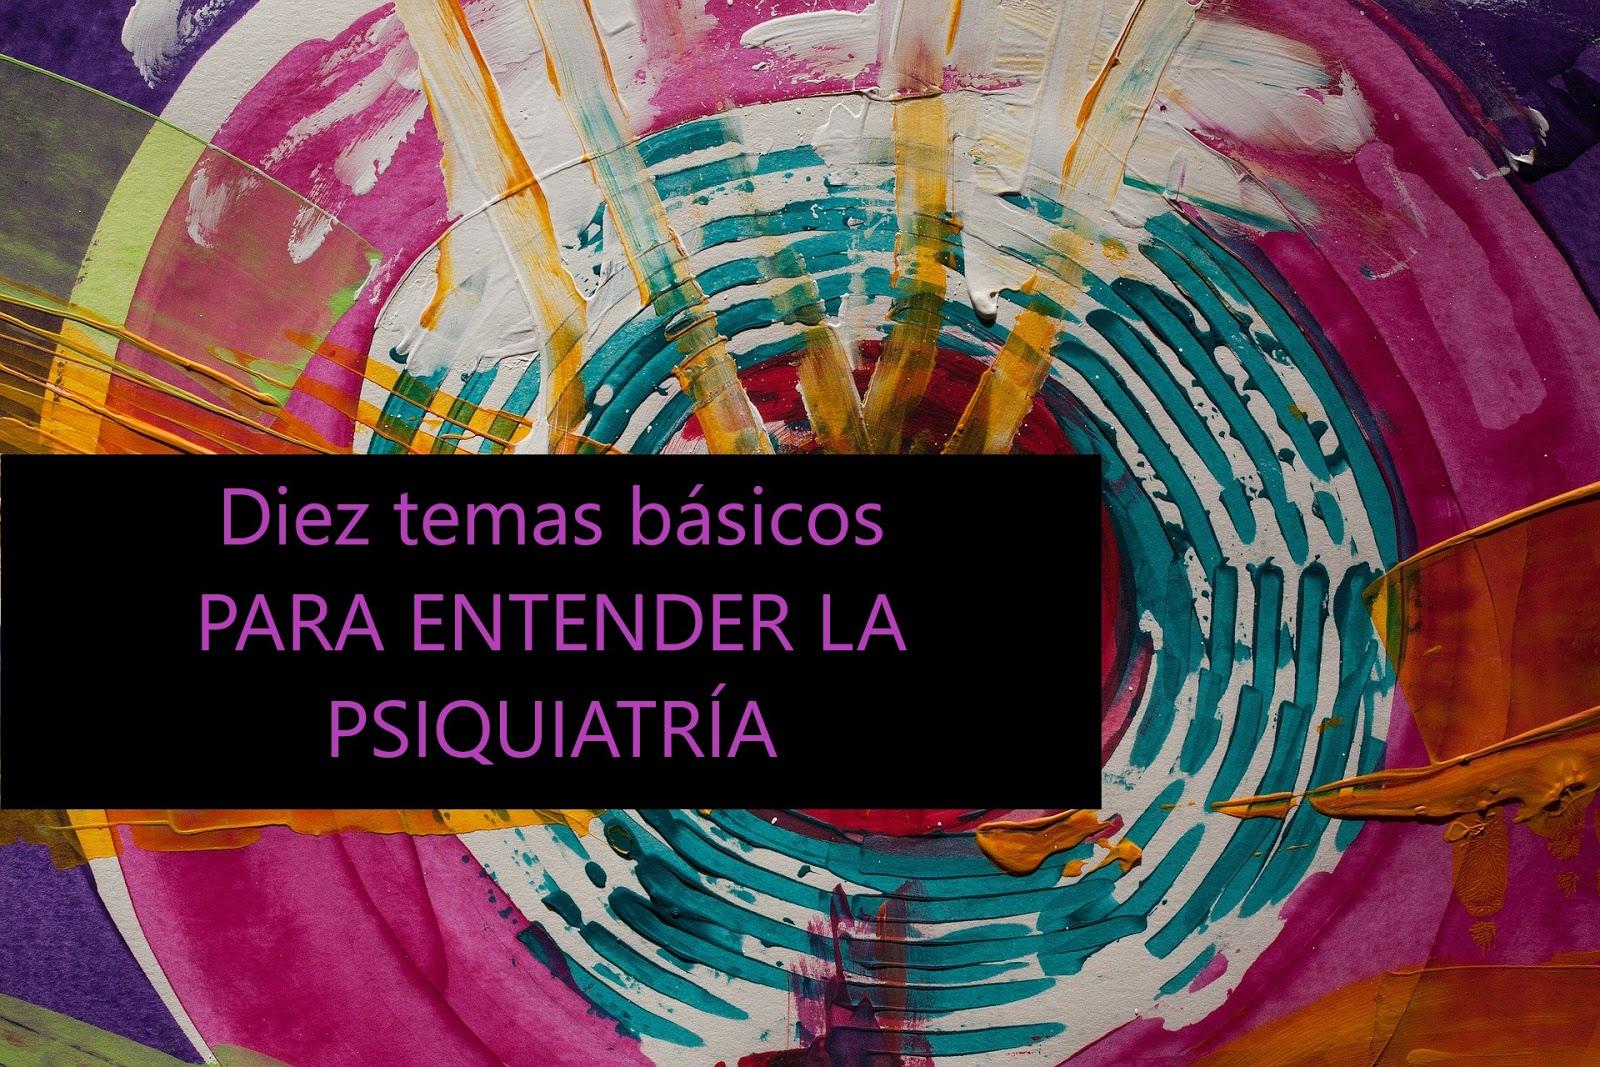 Descarga gratis libro PARA ENTENDER LA PSIQUIATRÍA.